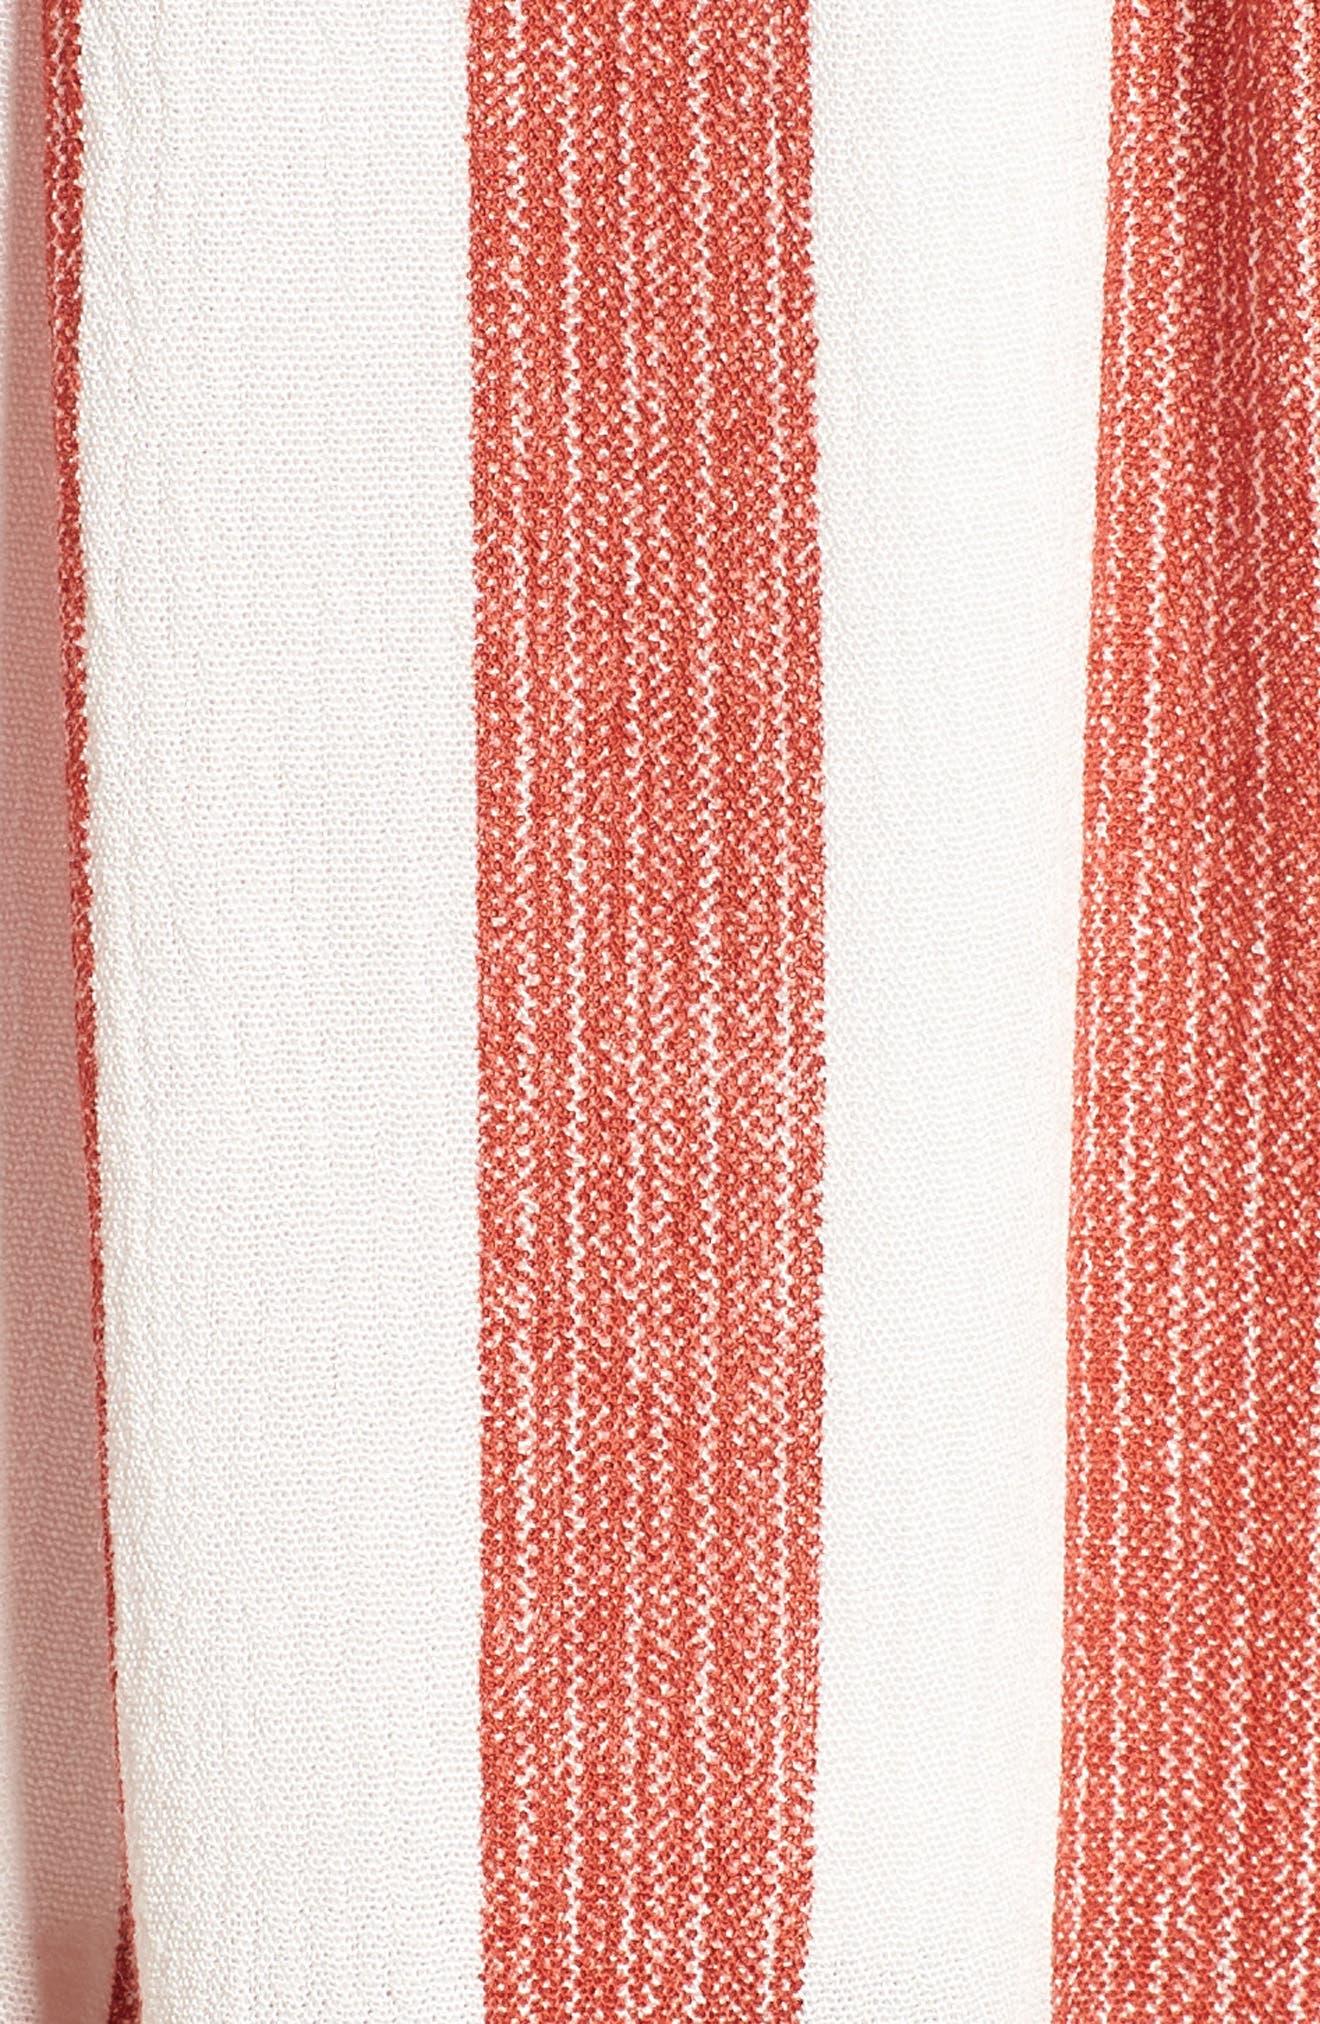 Stripe Shorts,                             Alternate thumbnail 5, color,                             600